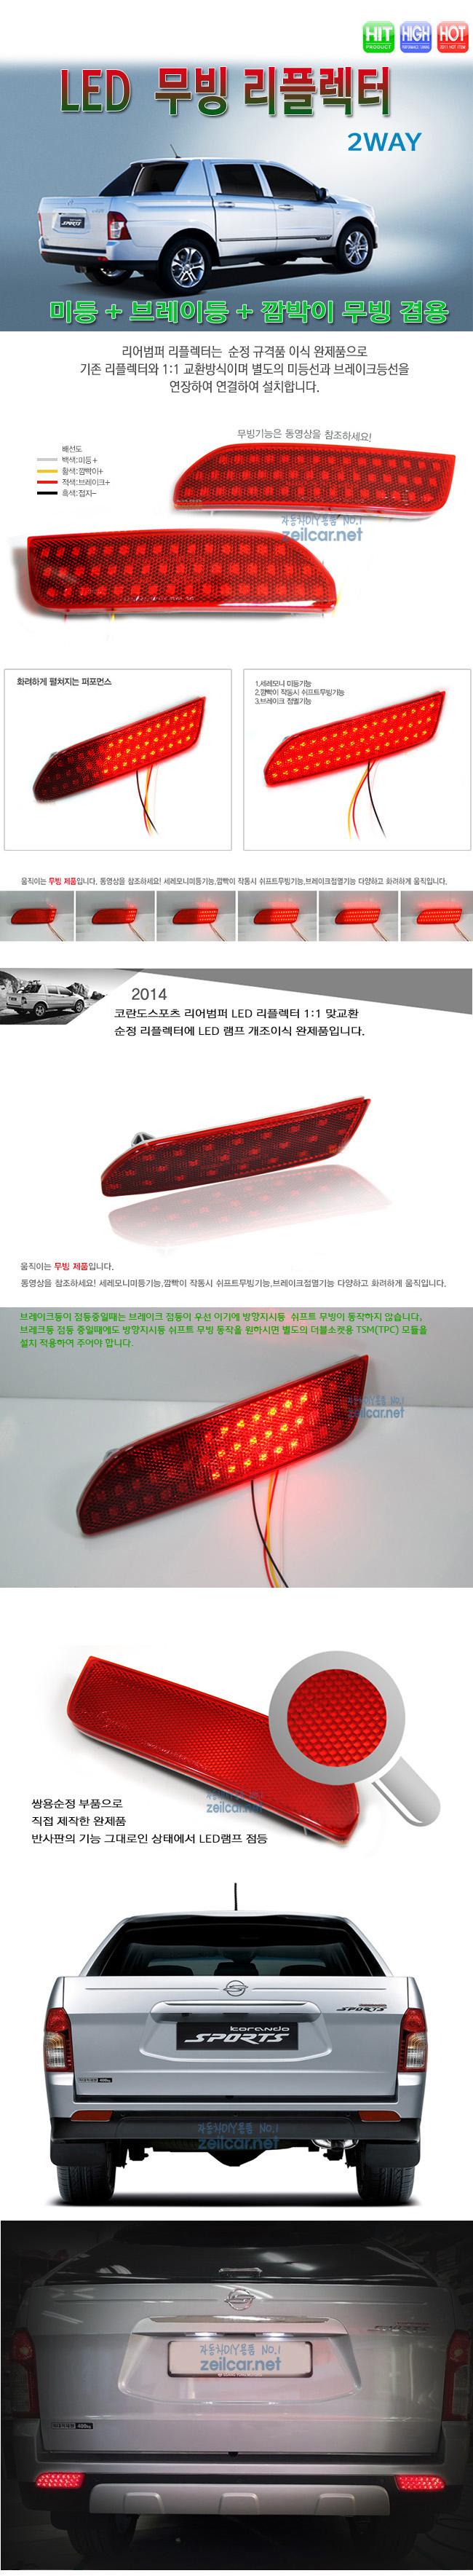 코란도스포츠 전용 리어범퍼 LED 무빙 리플렉터 완제품 세트